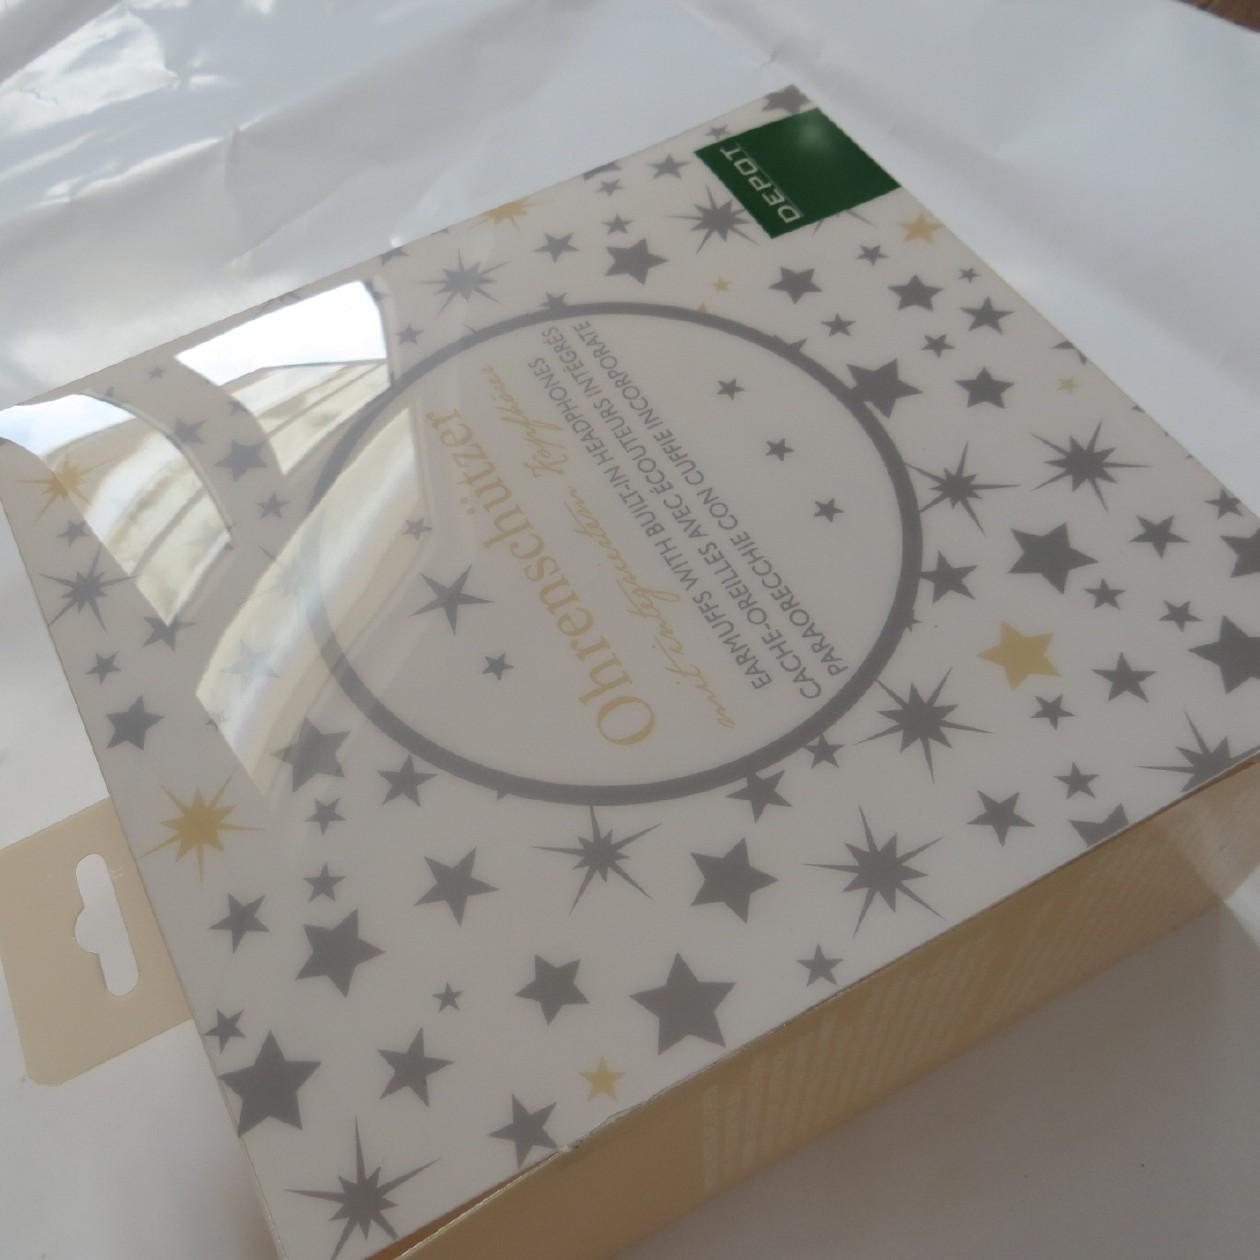 定制PVC礼品包装盒 PET PP通用塑料包装盒定制 山东塑料制品厂家